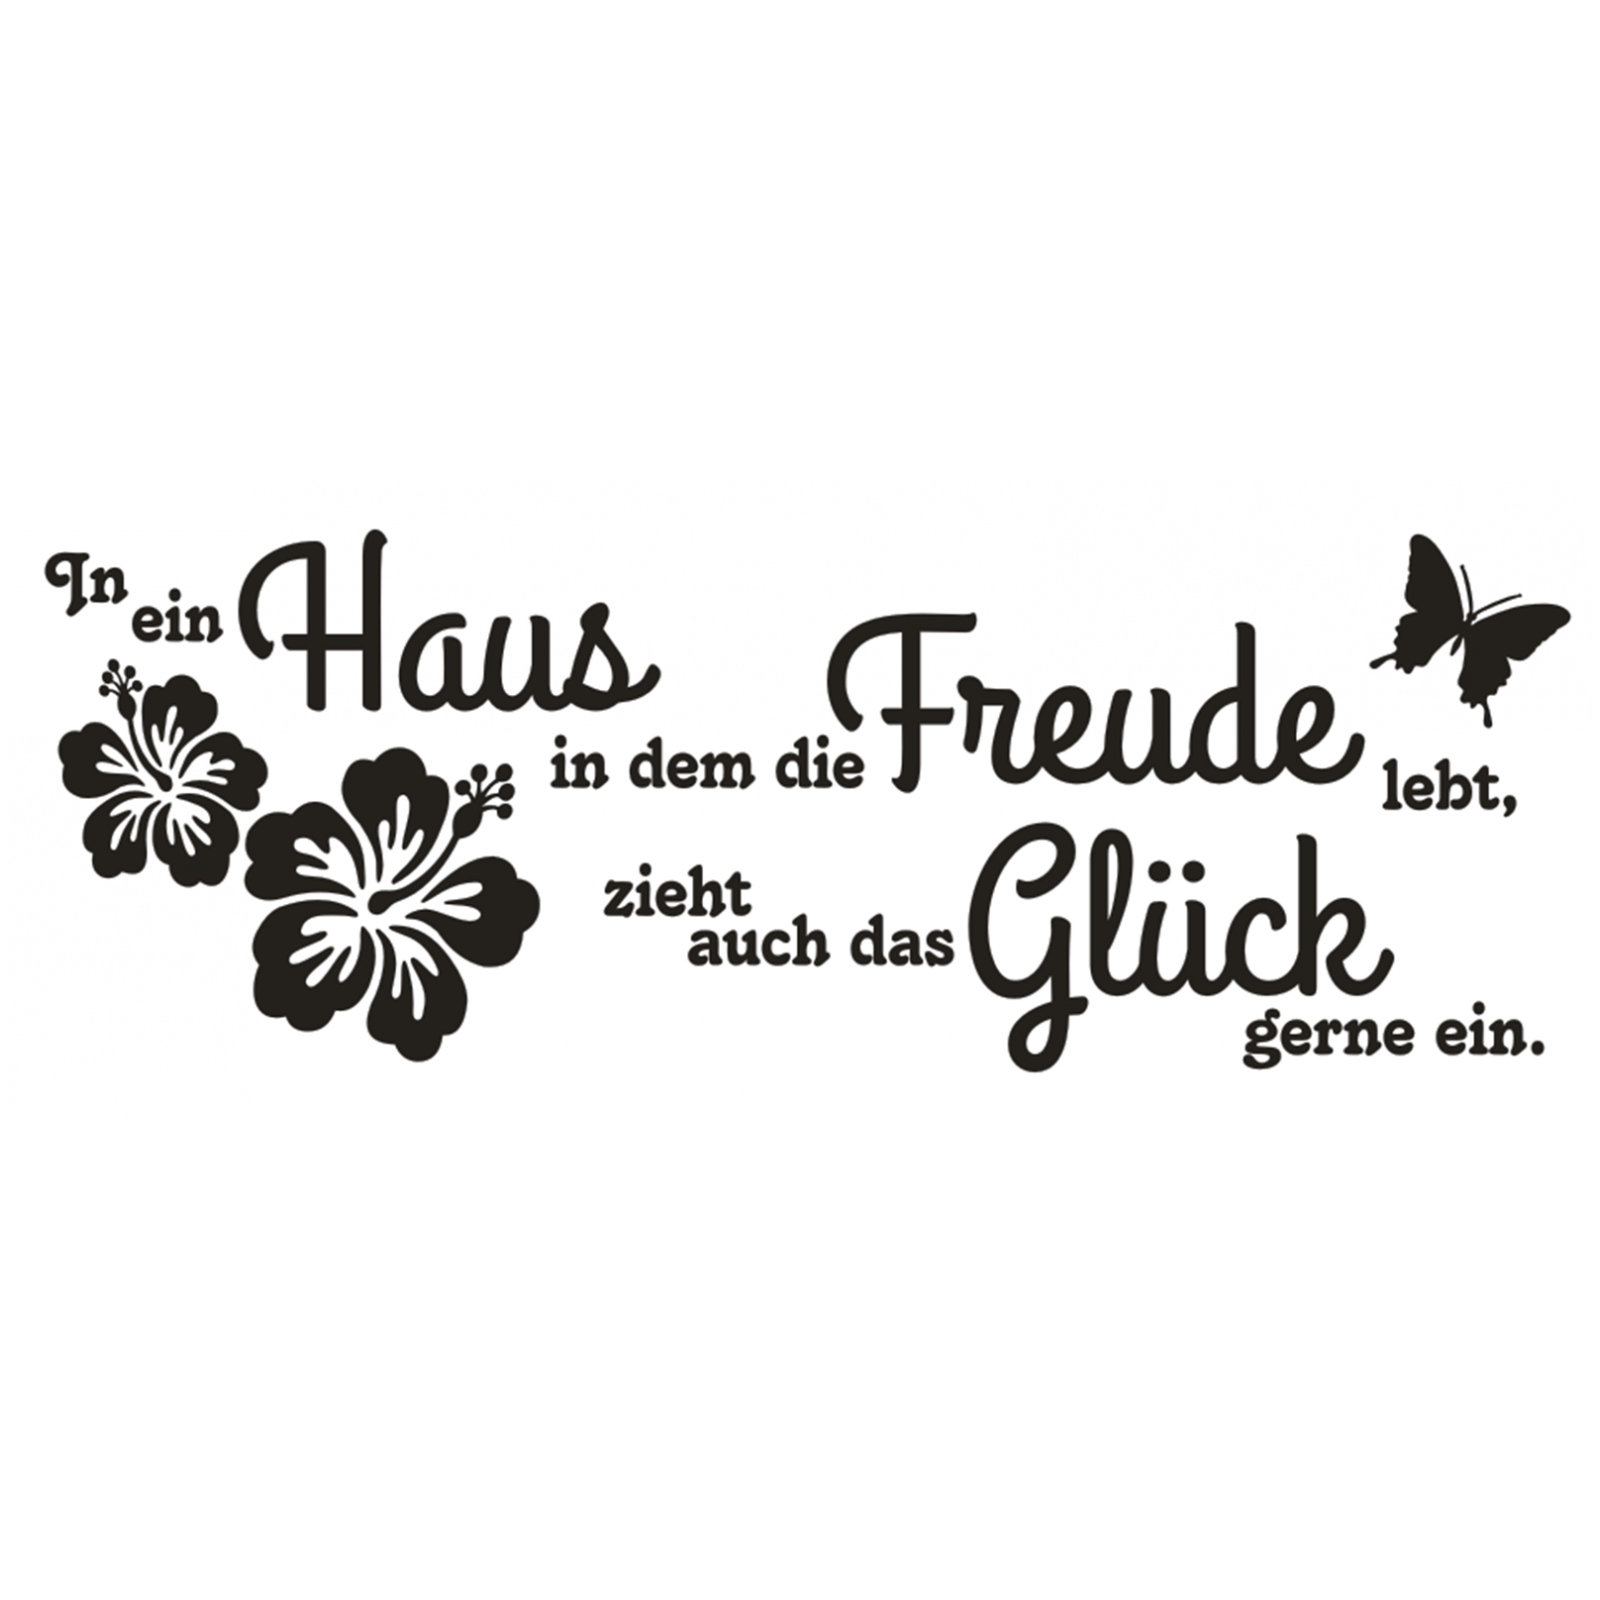 Wandtattoo-Spruch-In-ein-Haus-Glueck-Freude-Wandaufkleber-Aufkleber-Sticker Indexbild 2